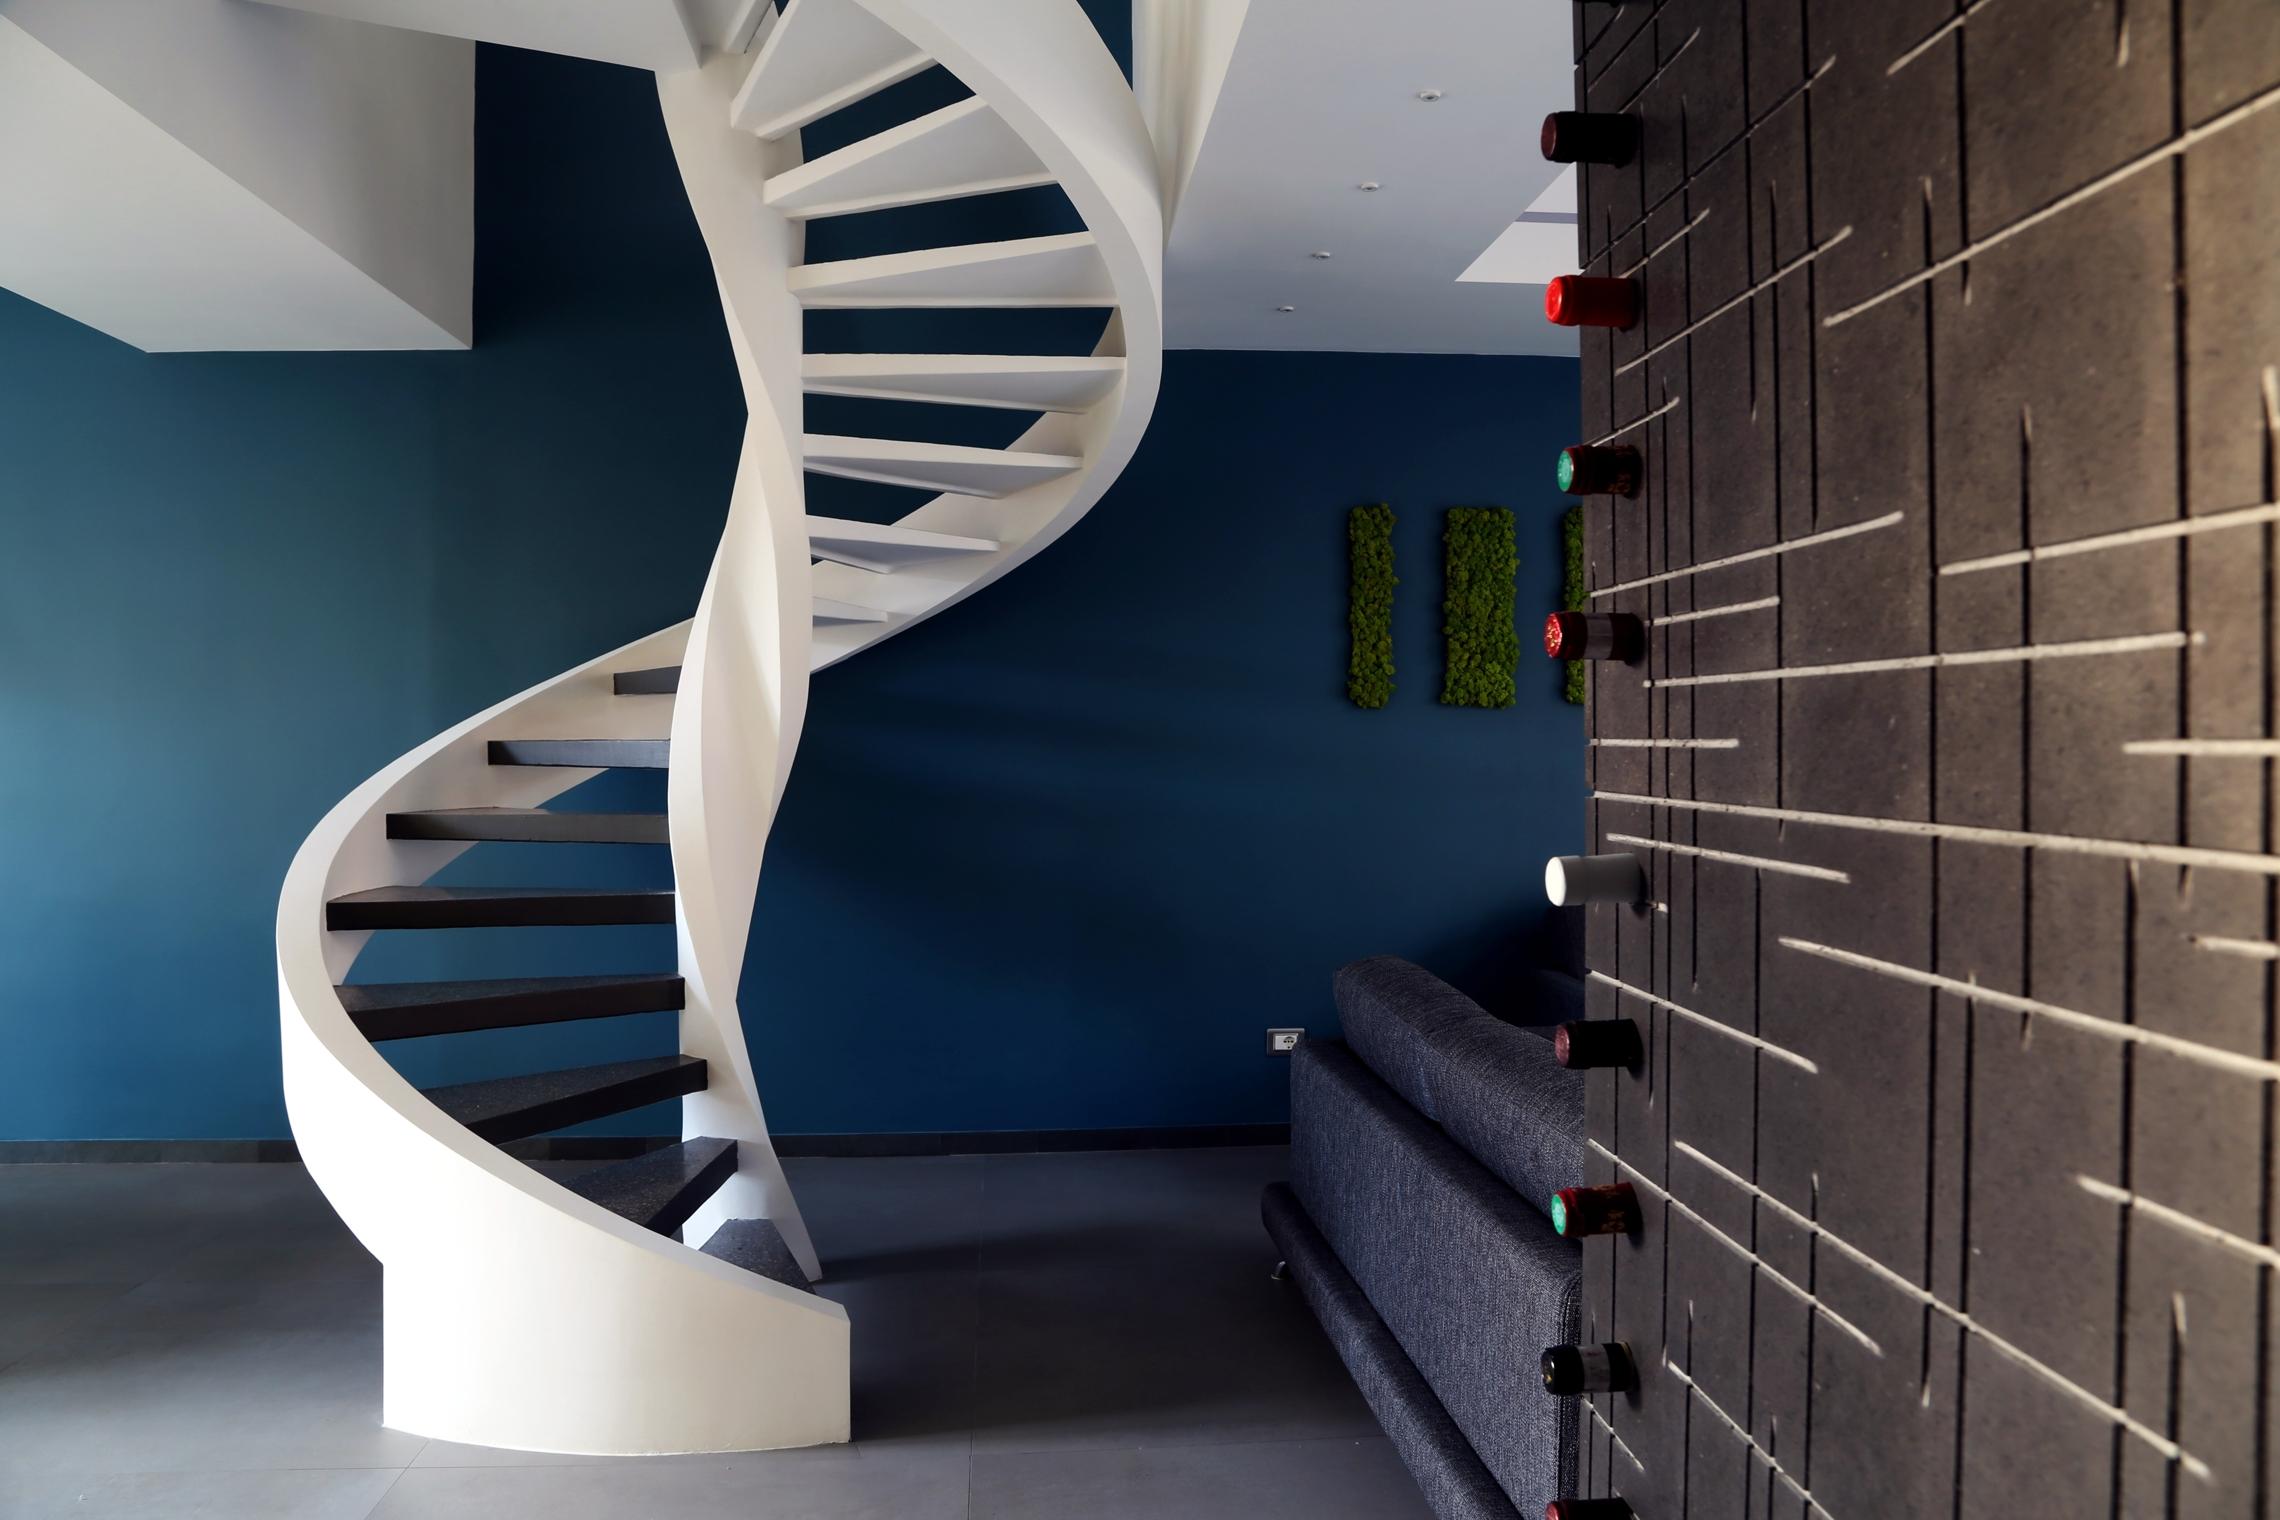 arco-arnone-interior-diseño-de-unabitazione-de-2 23-niveles